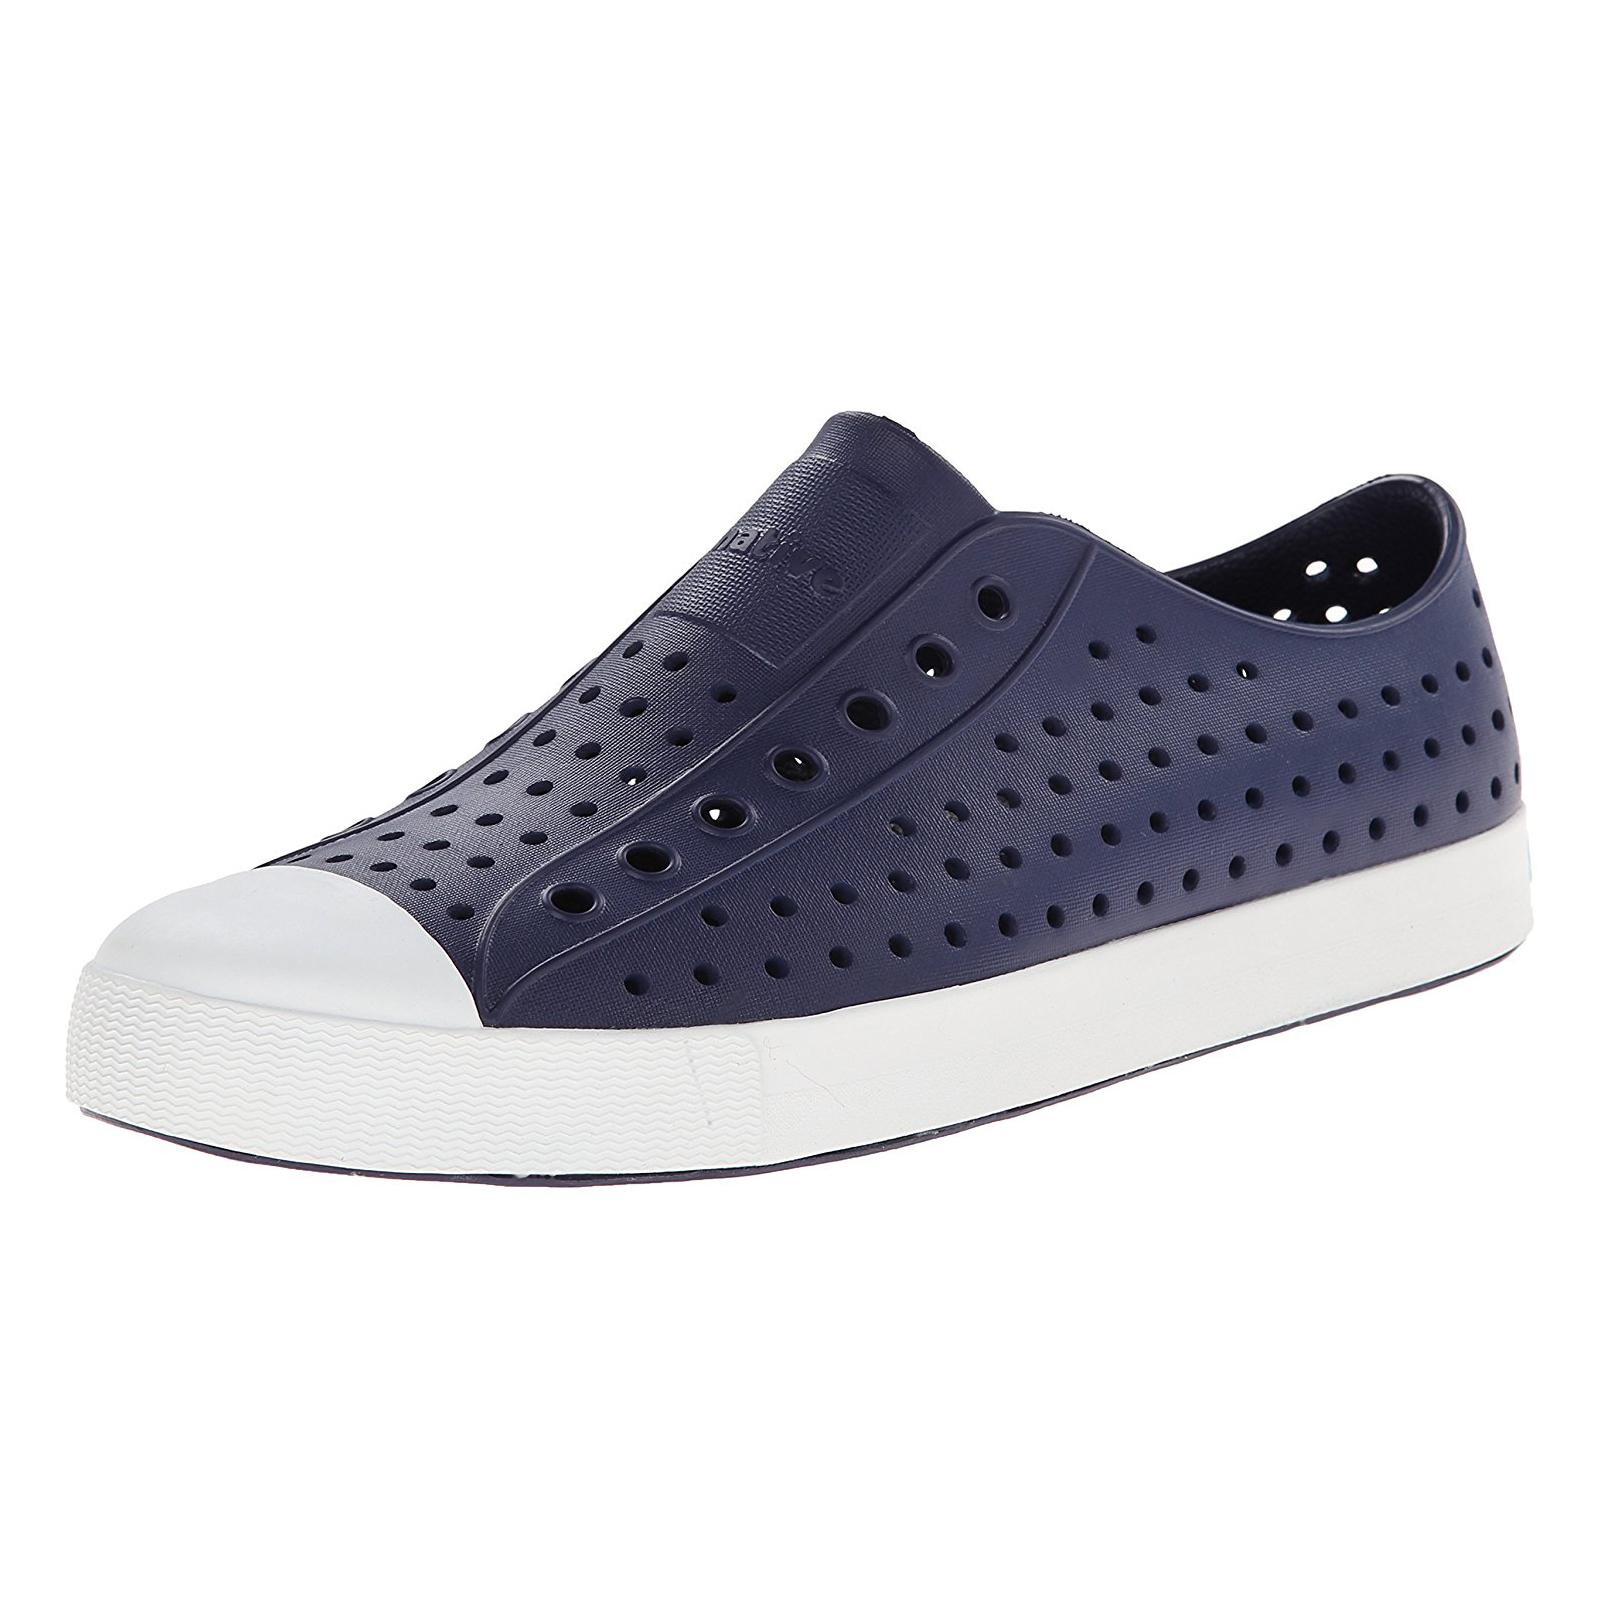 Native Sneakers Jefferson Regatta bluee Shell White bluee